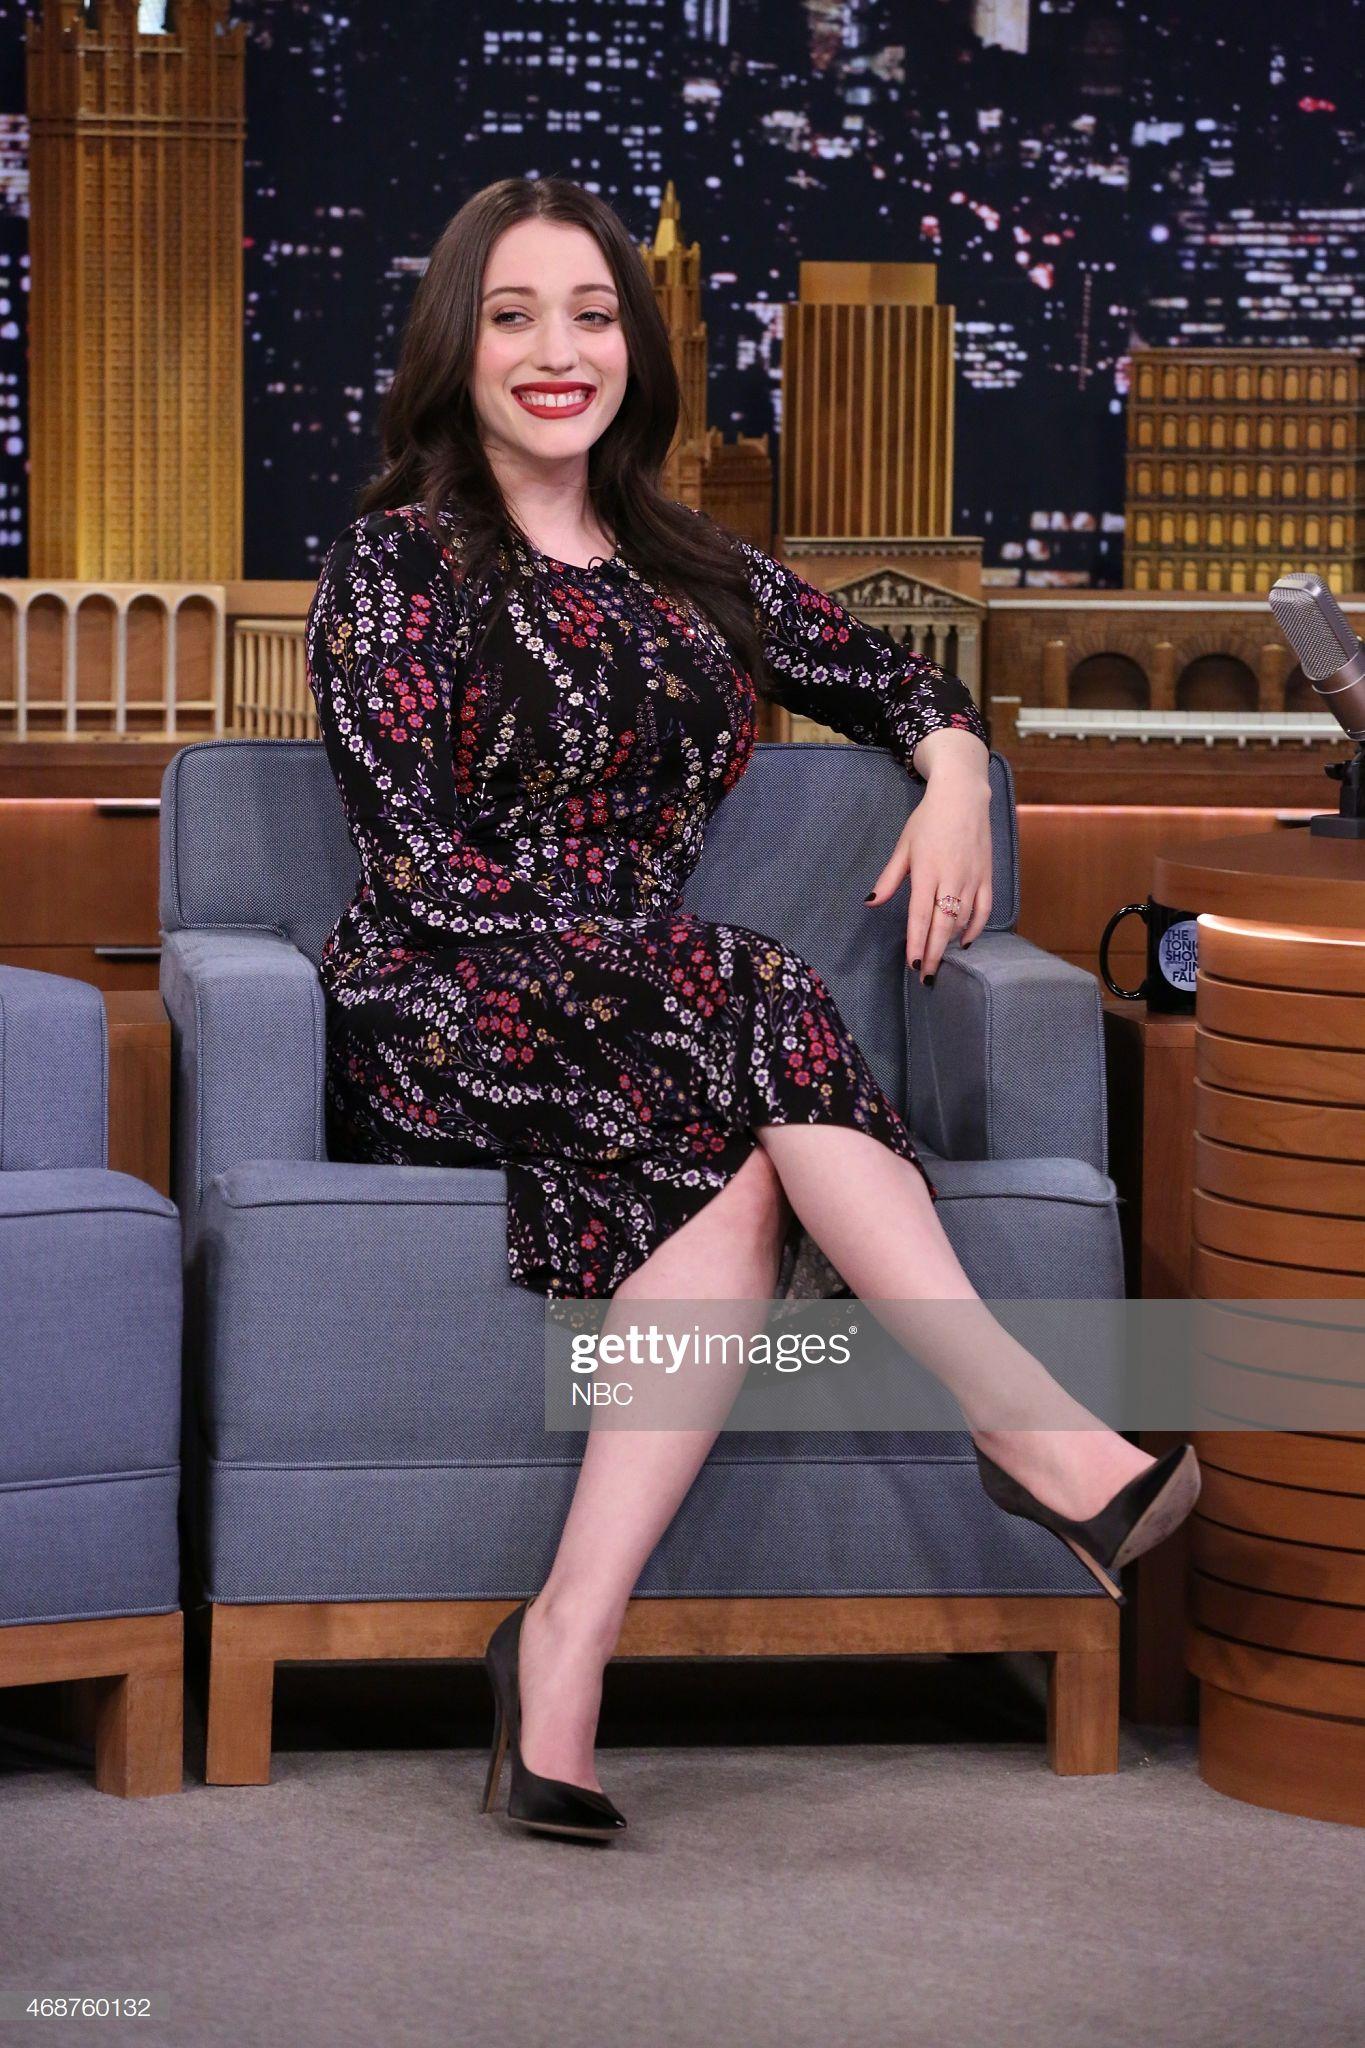 Actress Kat Dennings On April 6 2015 Kat Dennings Kat Dennings Pics Actresses With Black Hair [ 2048 x 1365 Pixel ]